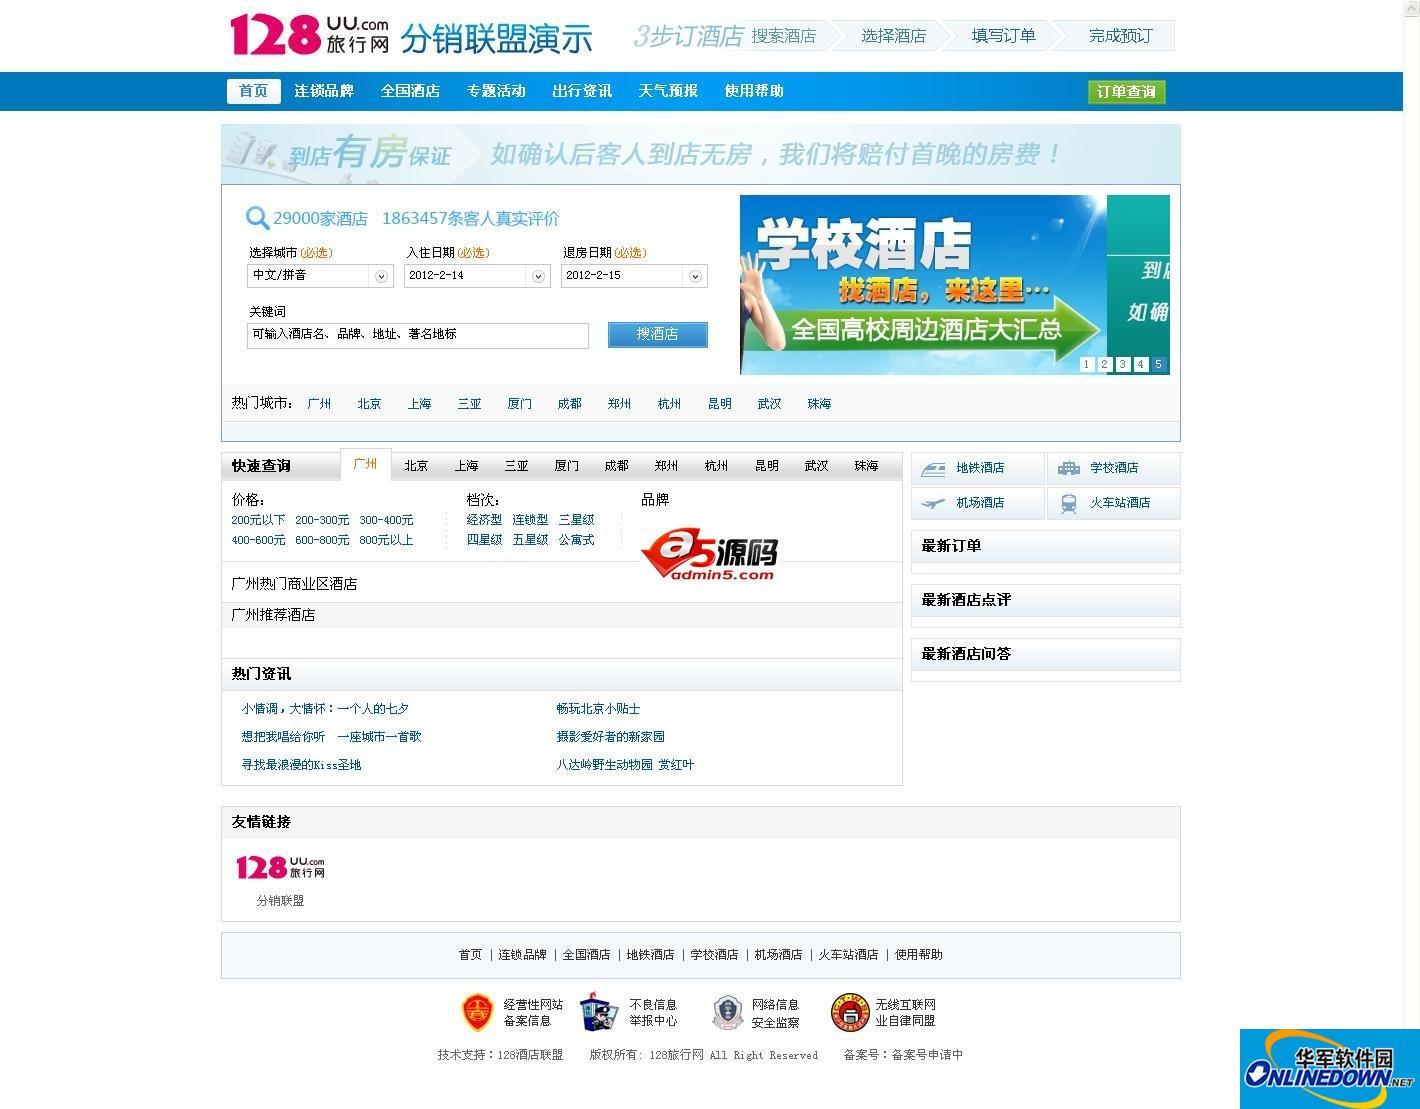 128旅行网分销酒店预订系统